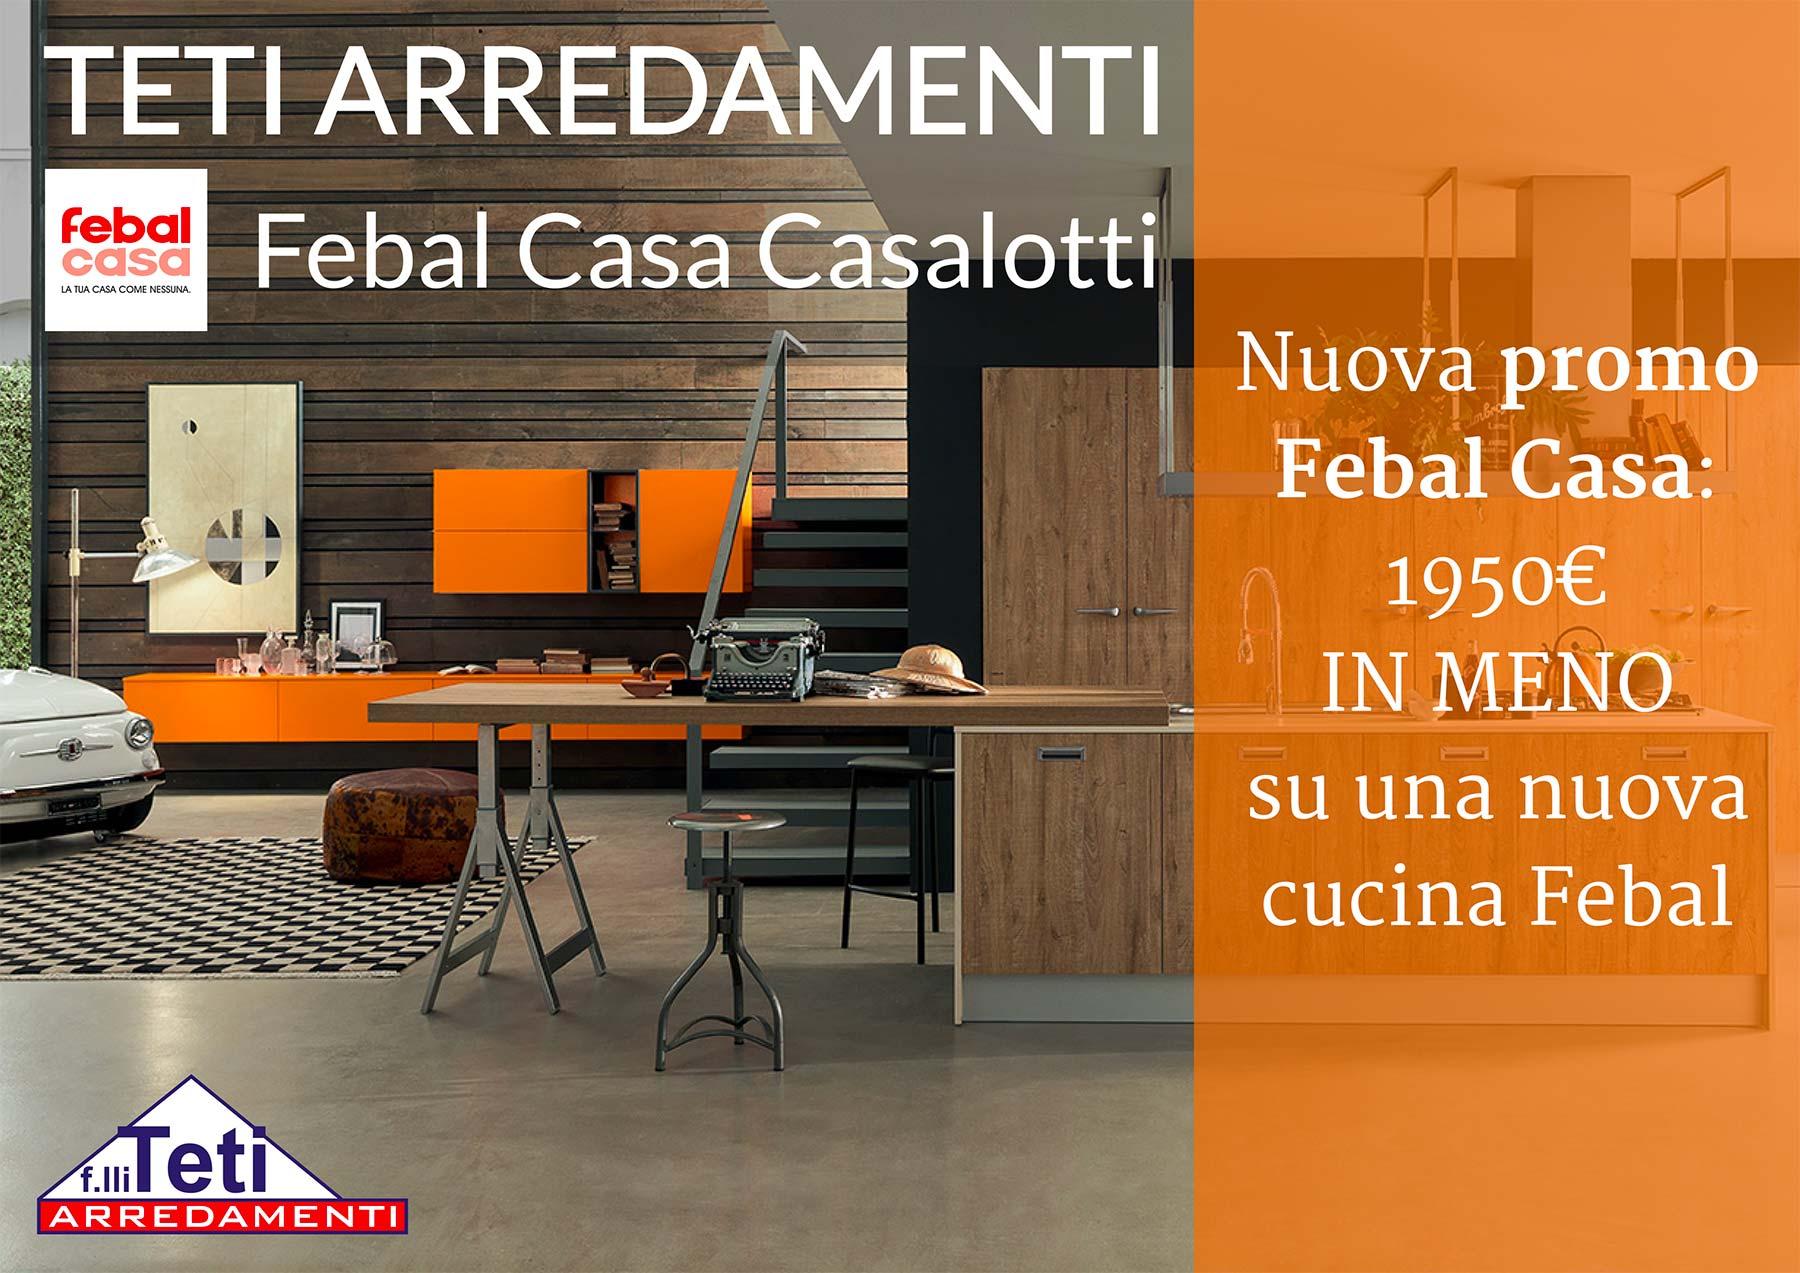 Arredamenti Teti e Febal Casa, nuova promo con 1950€ di sconto sulla ...